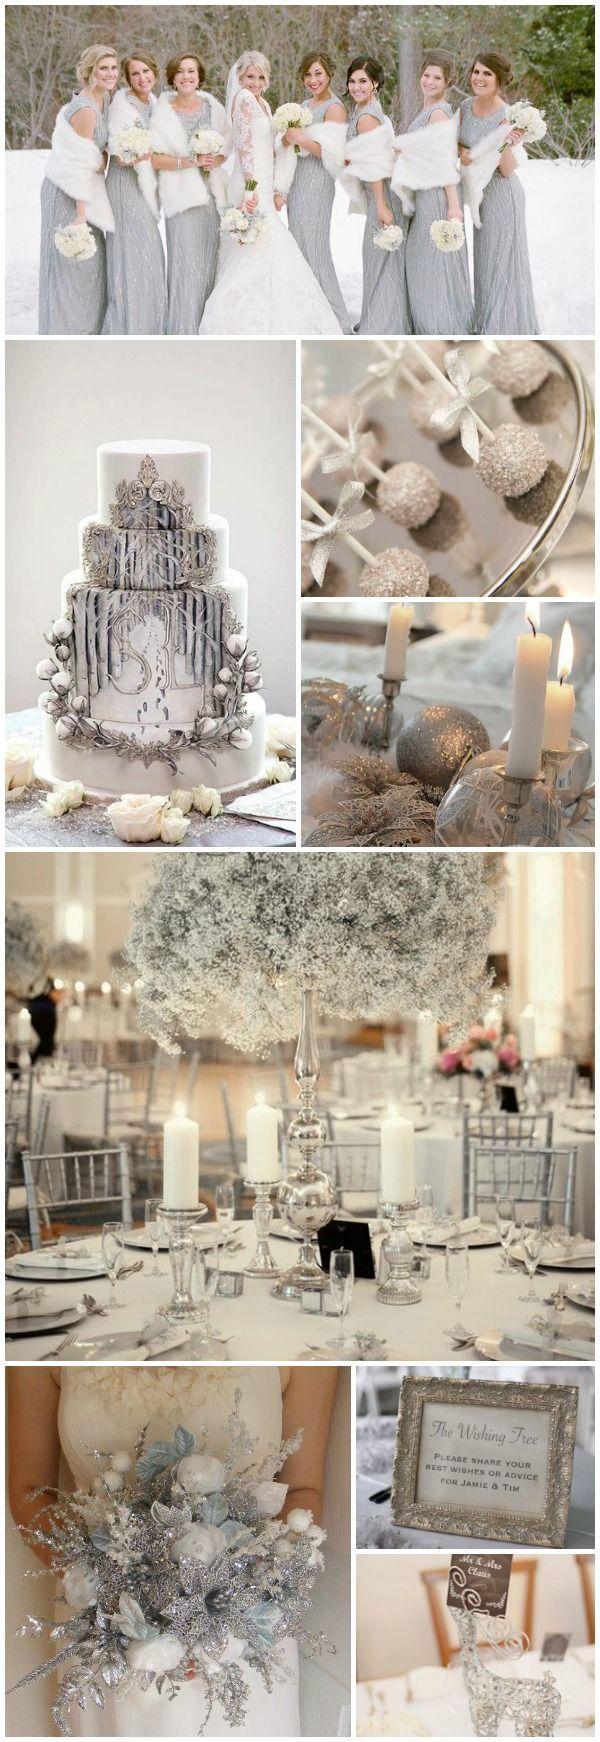 Silberne und weiße Winter-Hochzeitsdekorationen #wedding #weddingideas #winter   – Christmas weddings